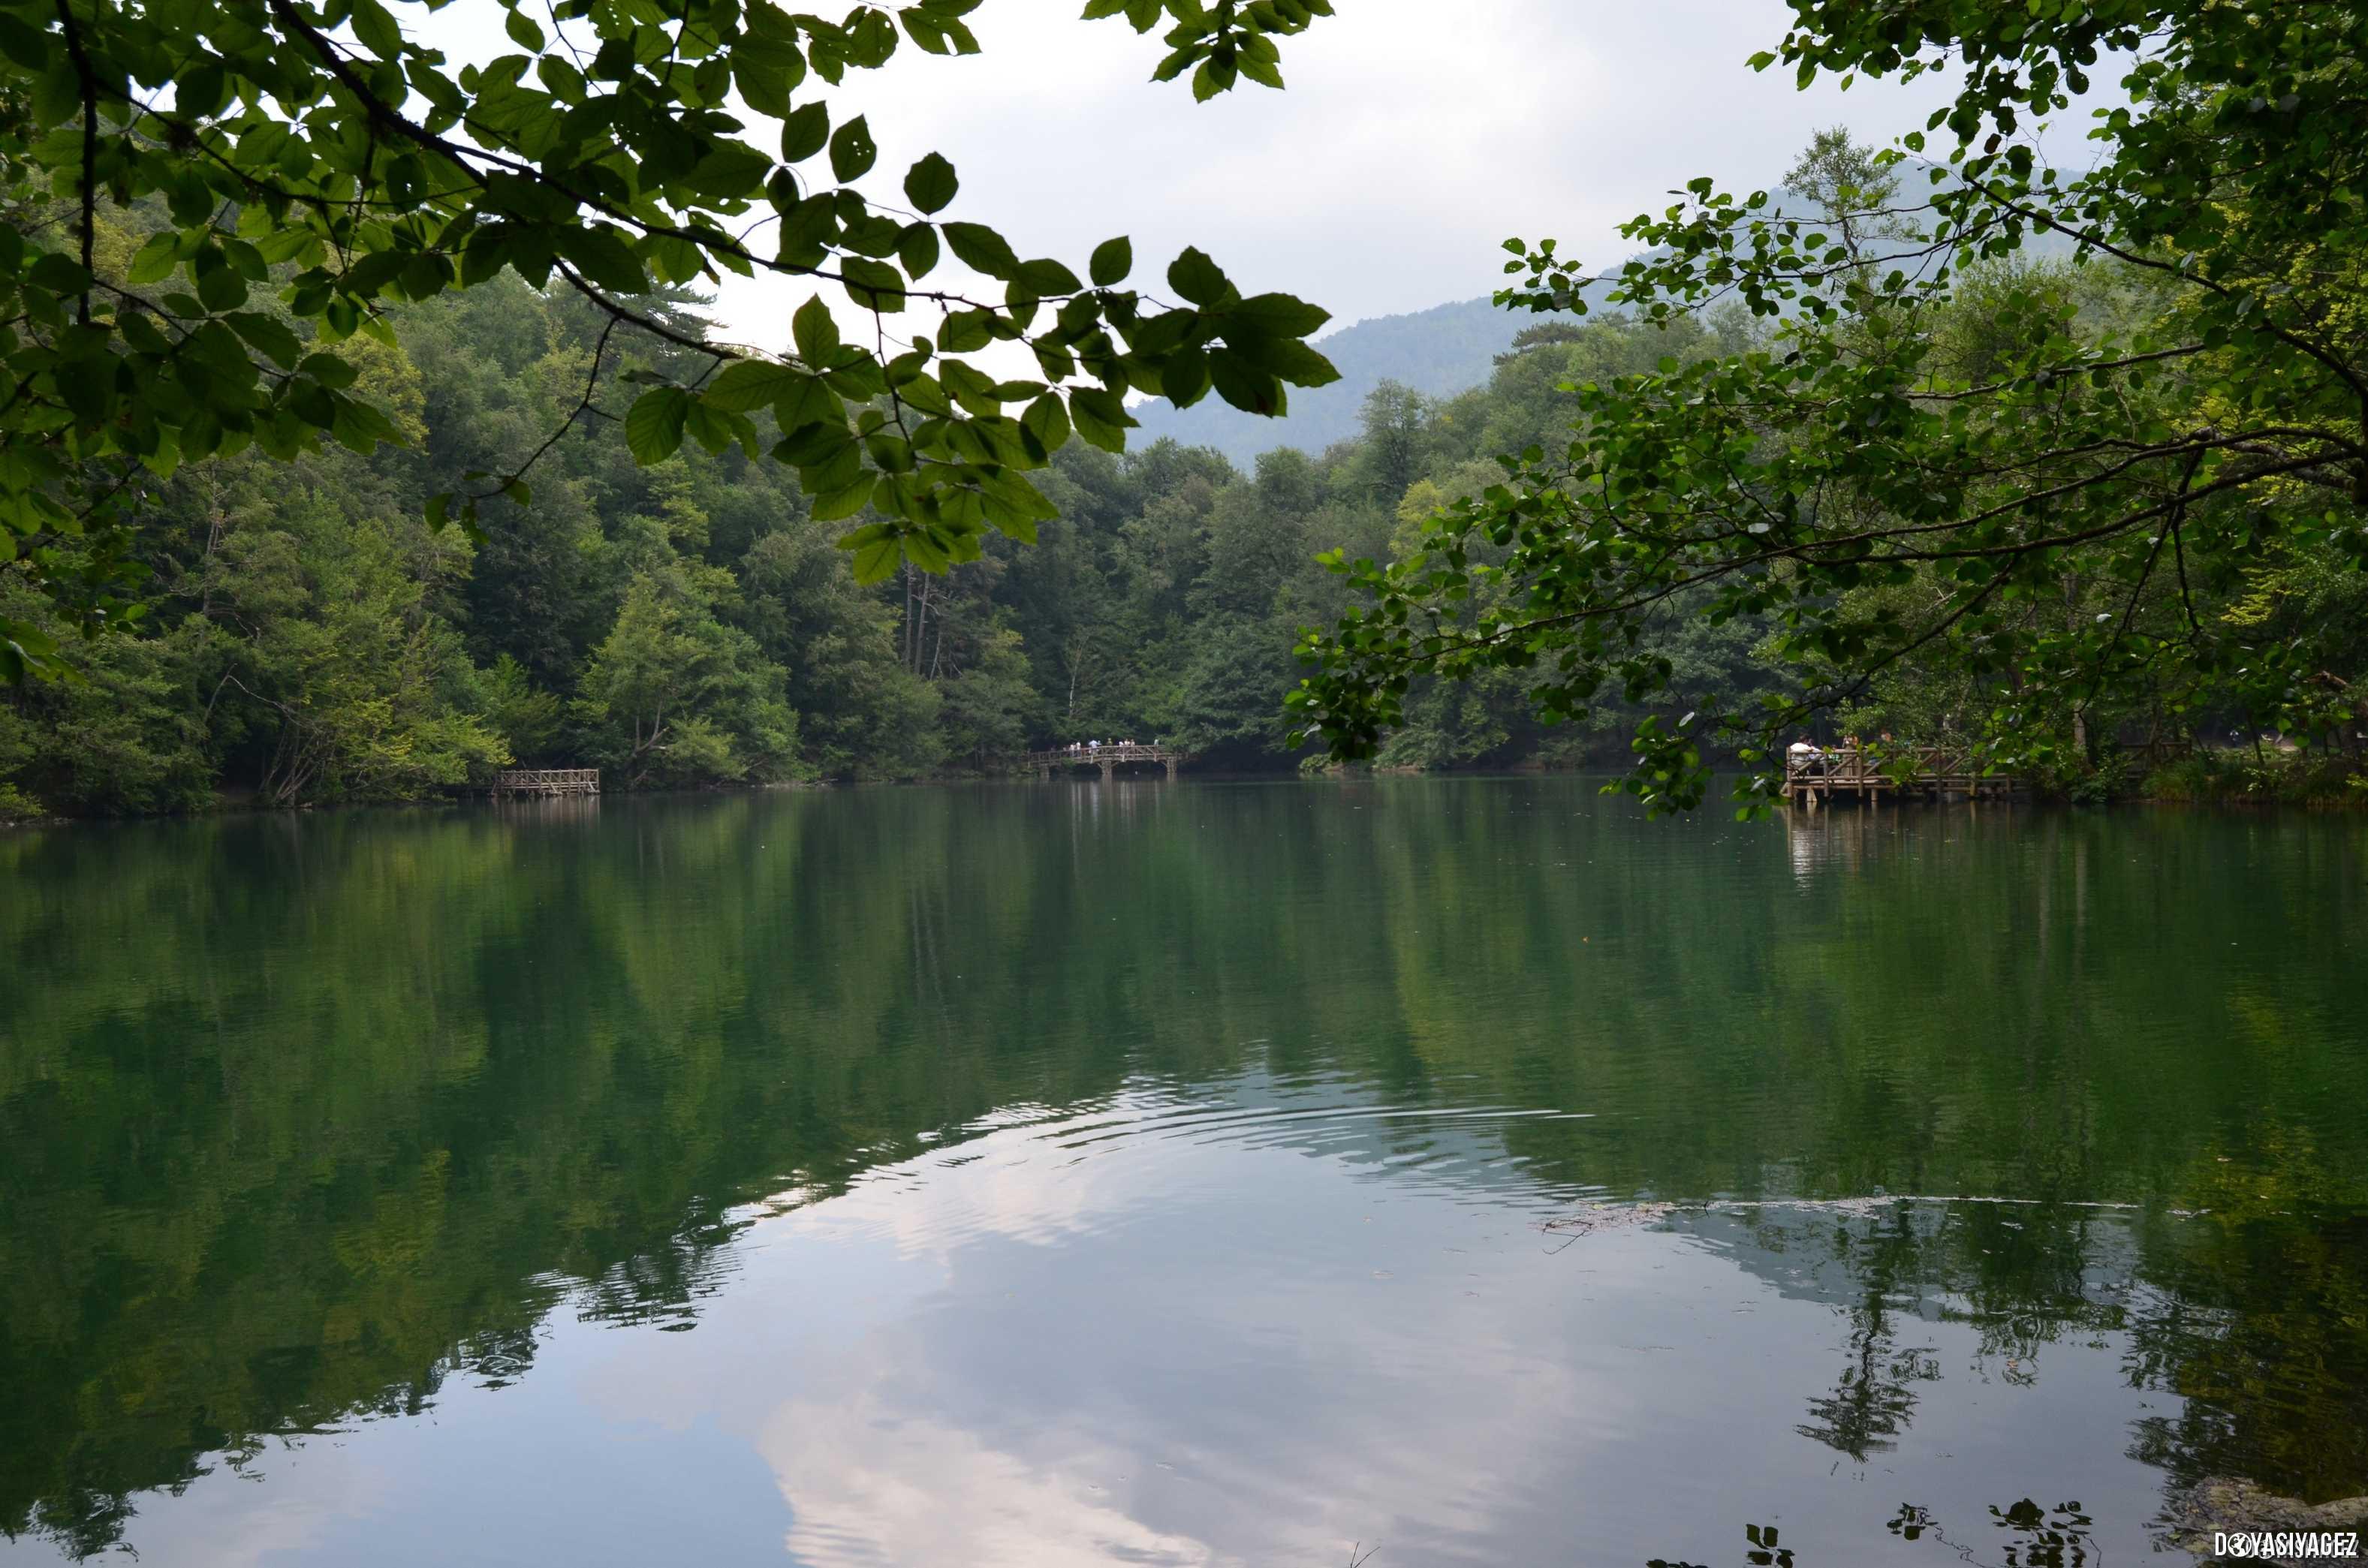 yedigöller kmp göl